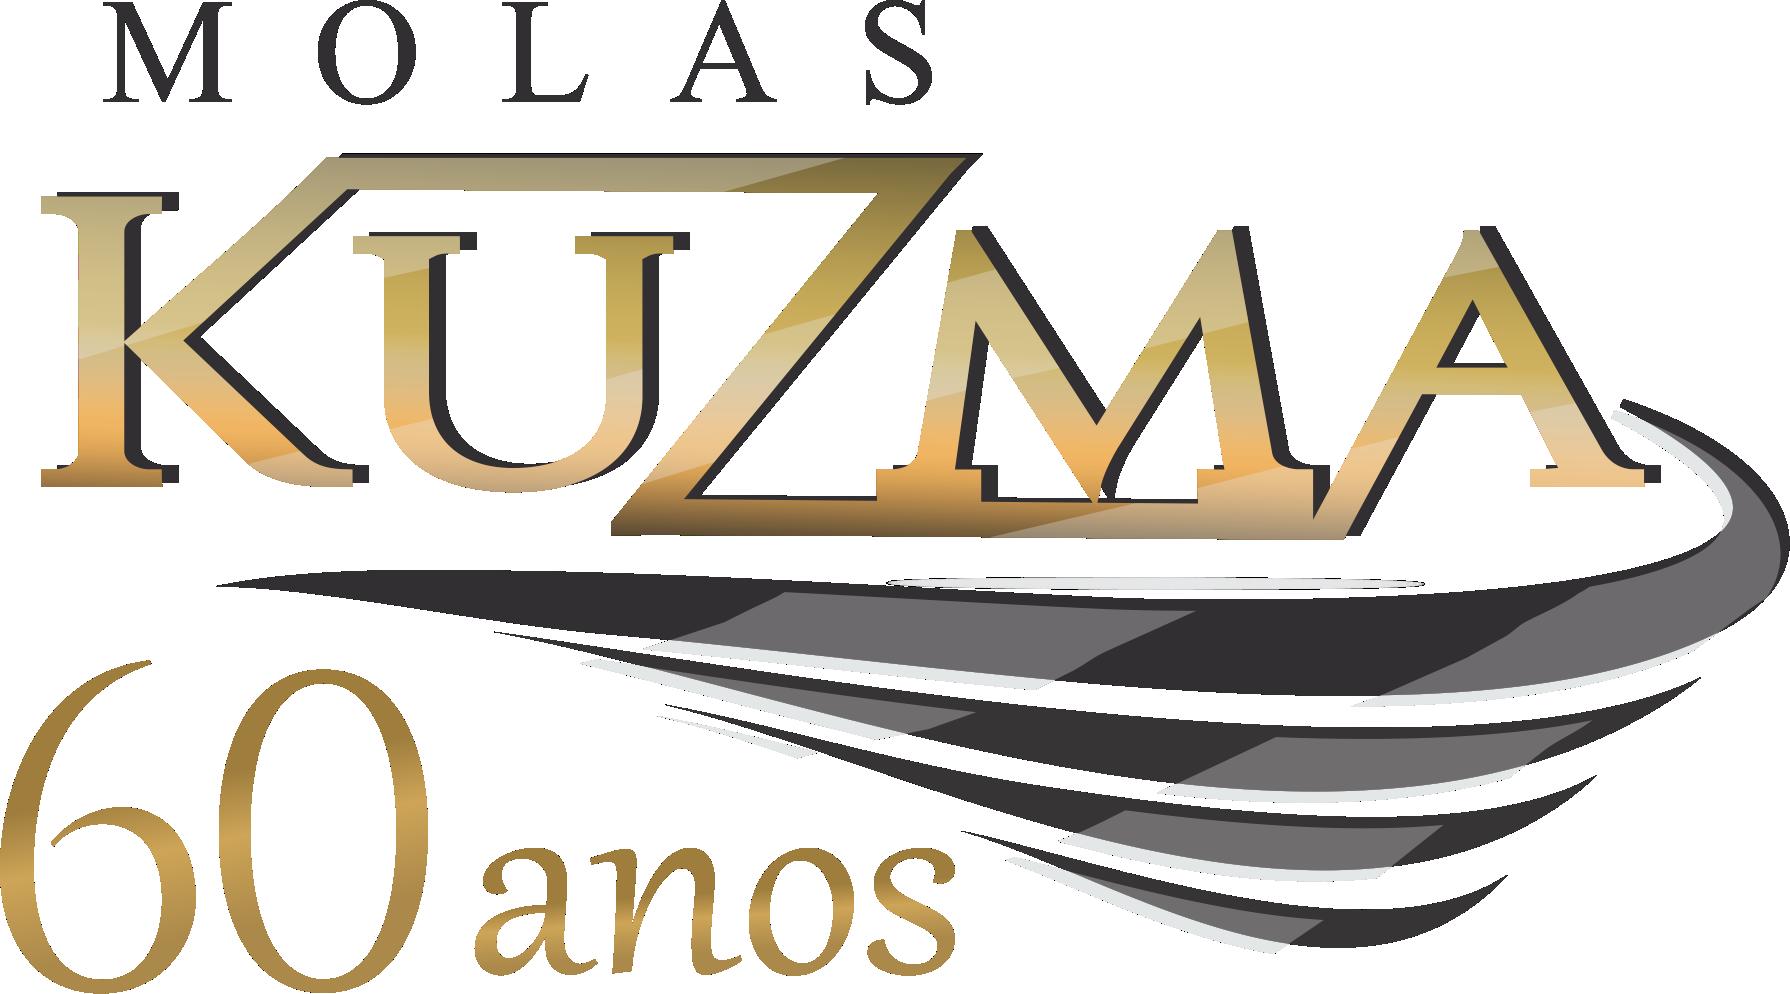 Molas Kuzma